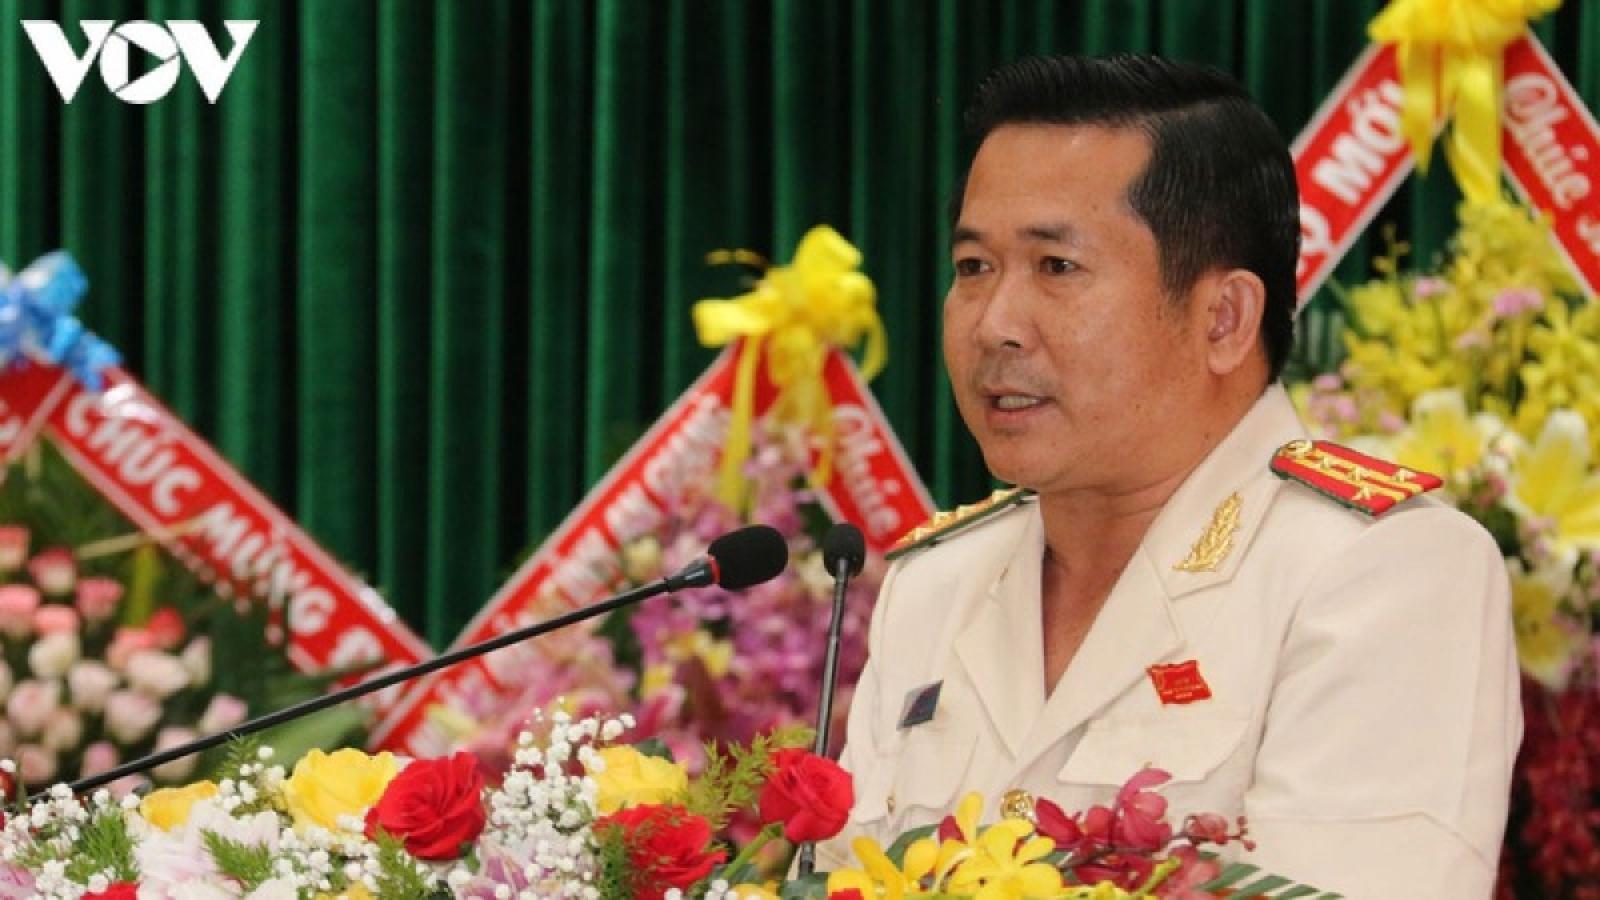 """Giám đốc Công an tỉnh An Giang: """"Bị tội phạm phản ứng lại là điều bình thường"""""""